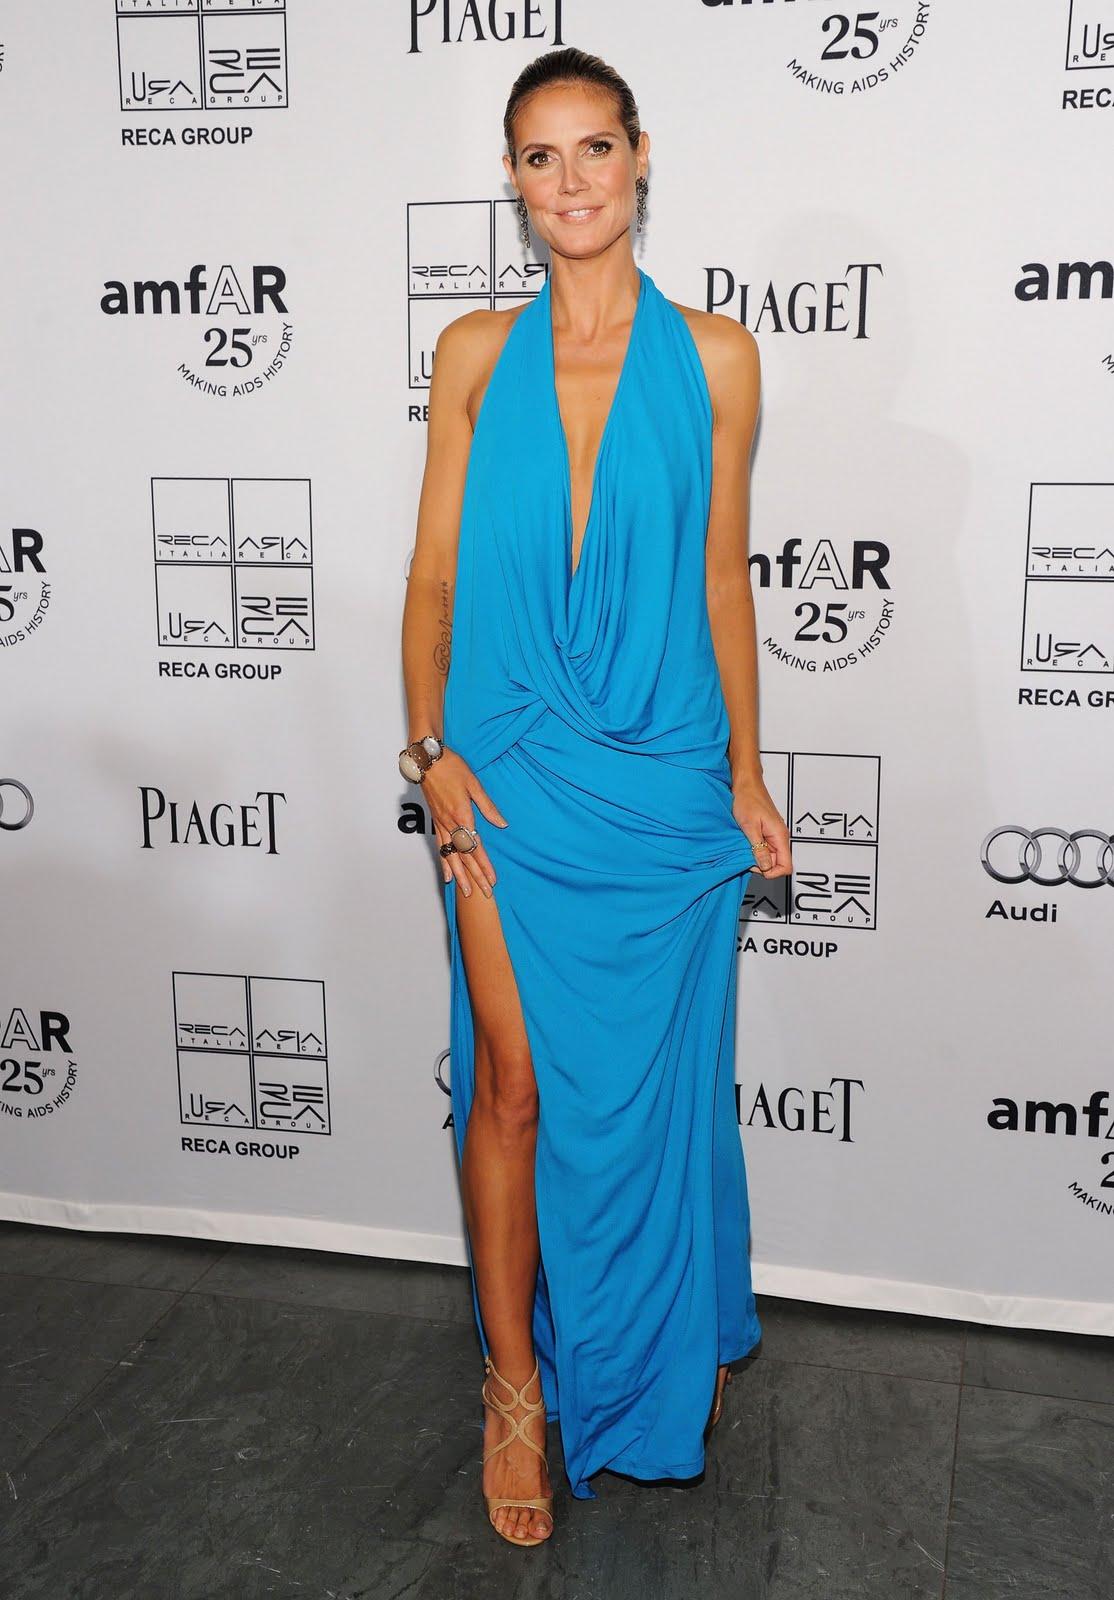 http://1.bp.blogspot.com/-OSpqDbIDL9Y/TfpQG5t5WtI/AAAAAAAAA10/qjTLZWjD4gk/s1600/Heidi-Klum-Feet-429567.jpg